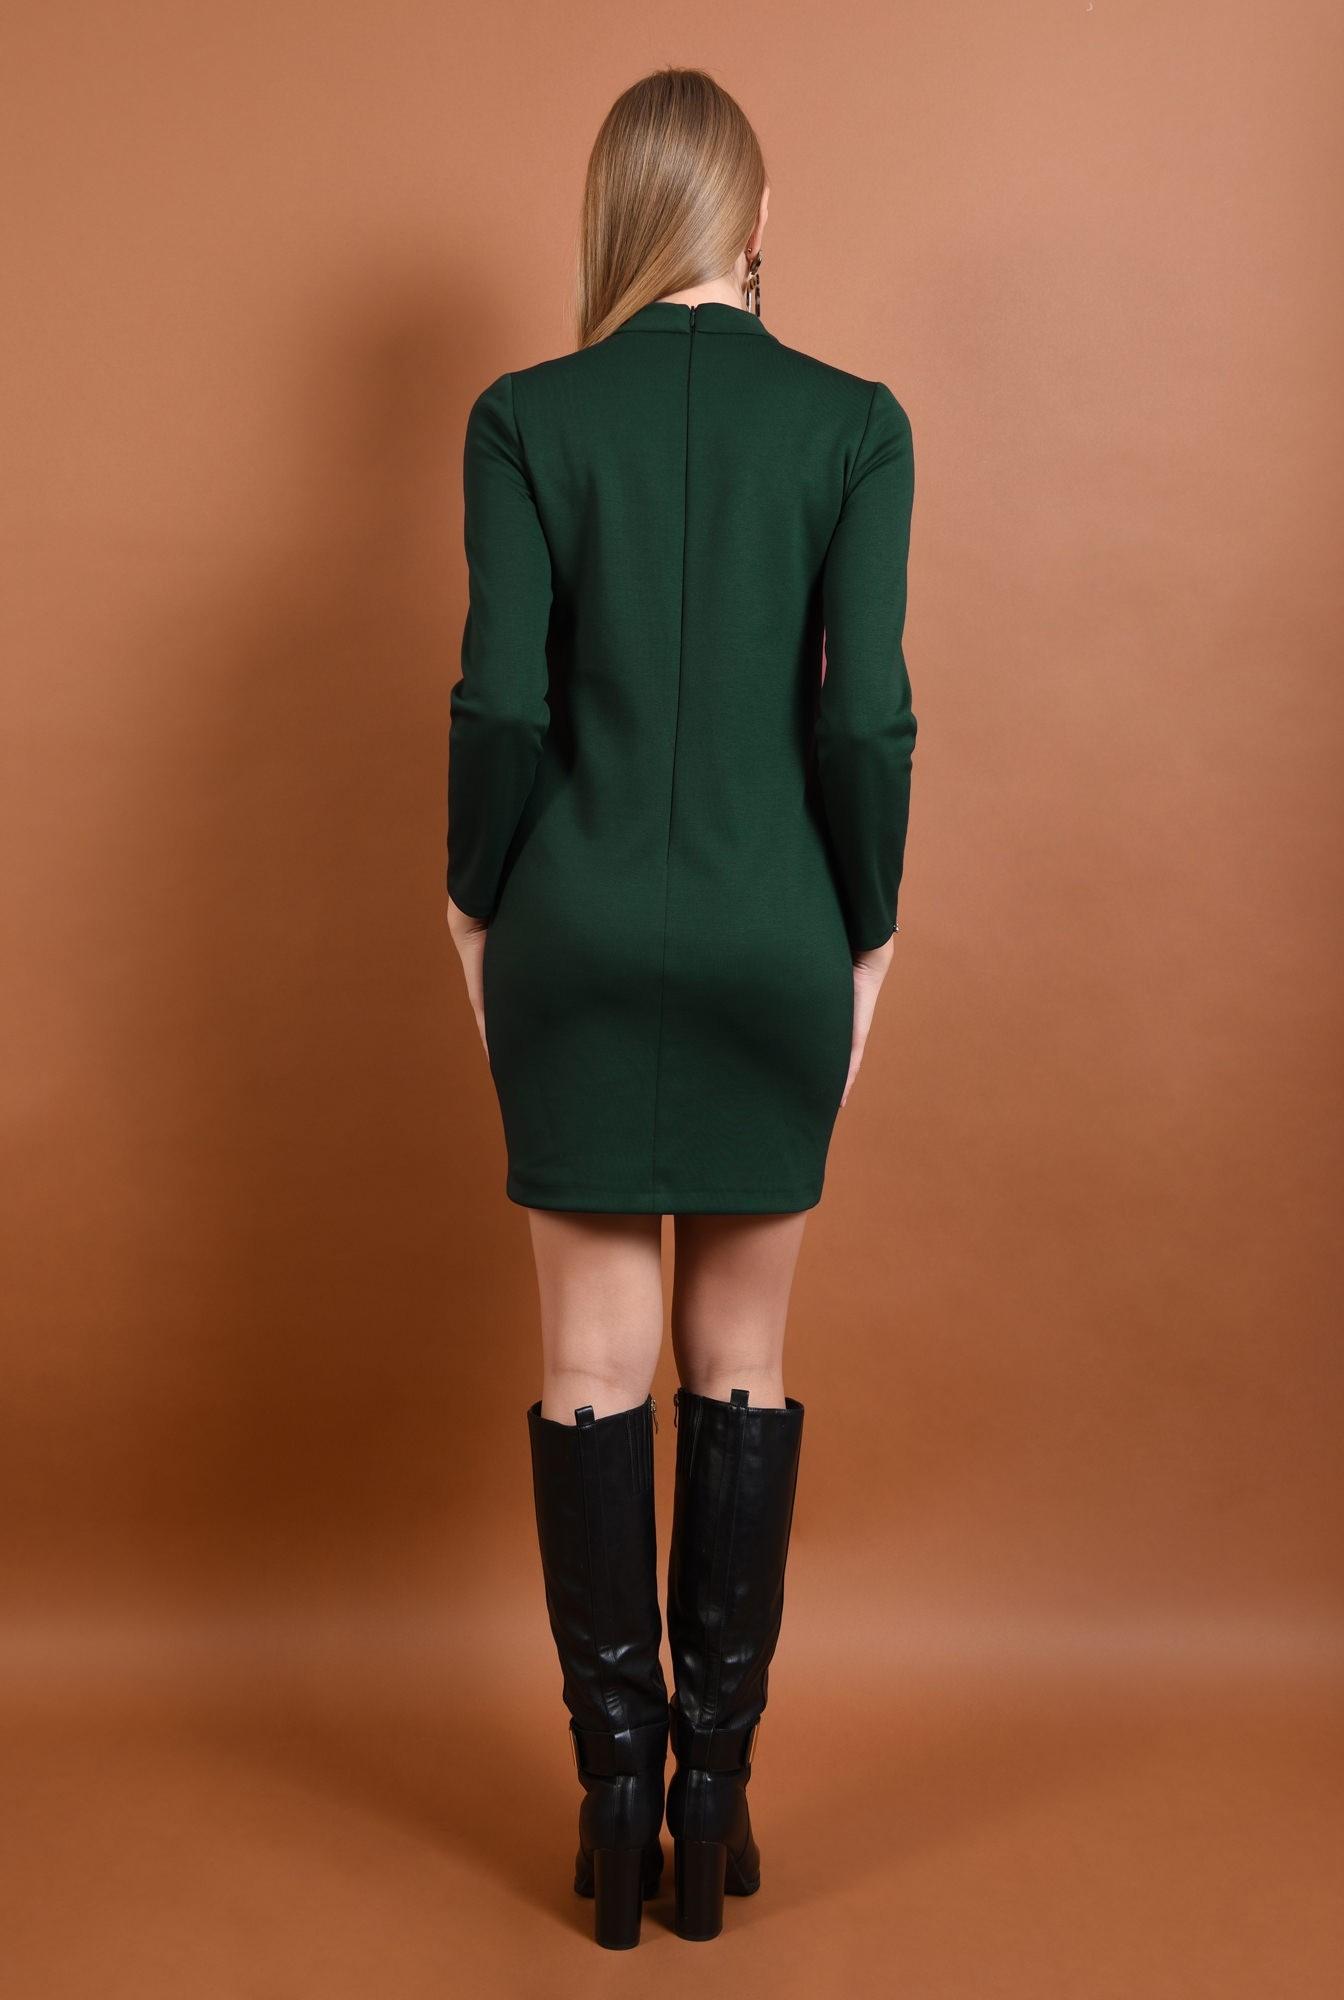 1 - 360 - rochie casual, scurta, verde, maneci lungi, guler inalt